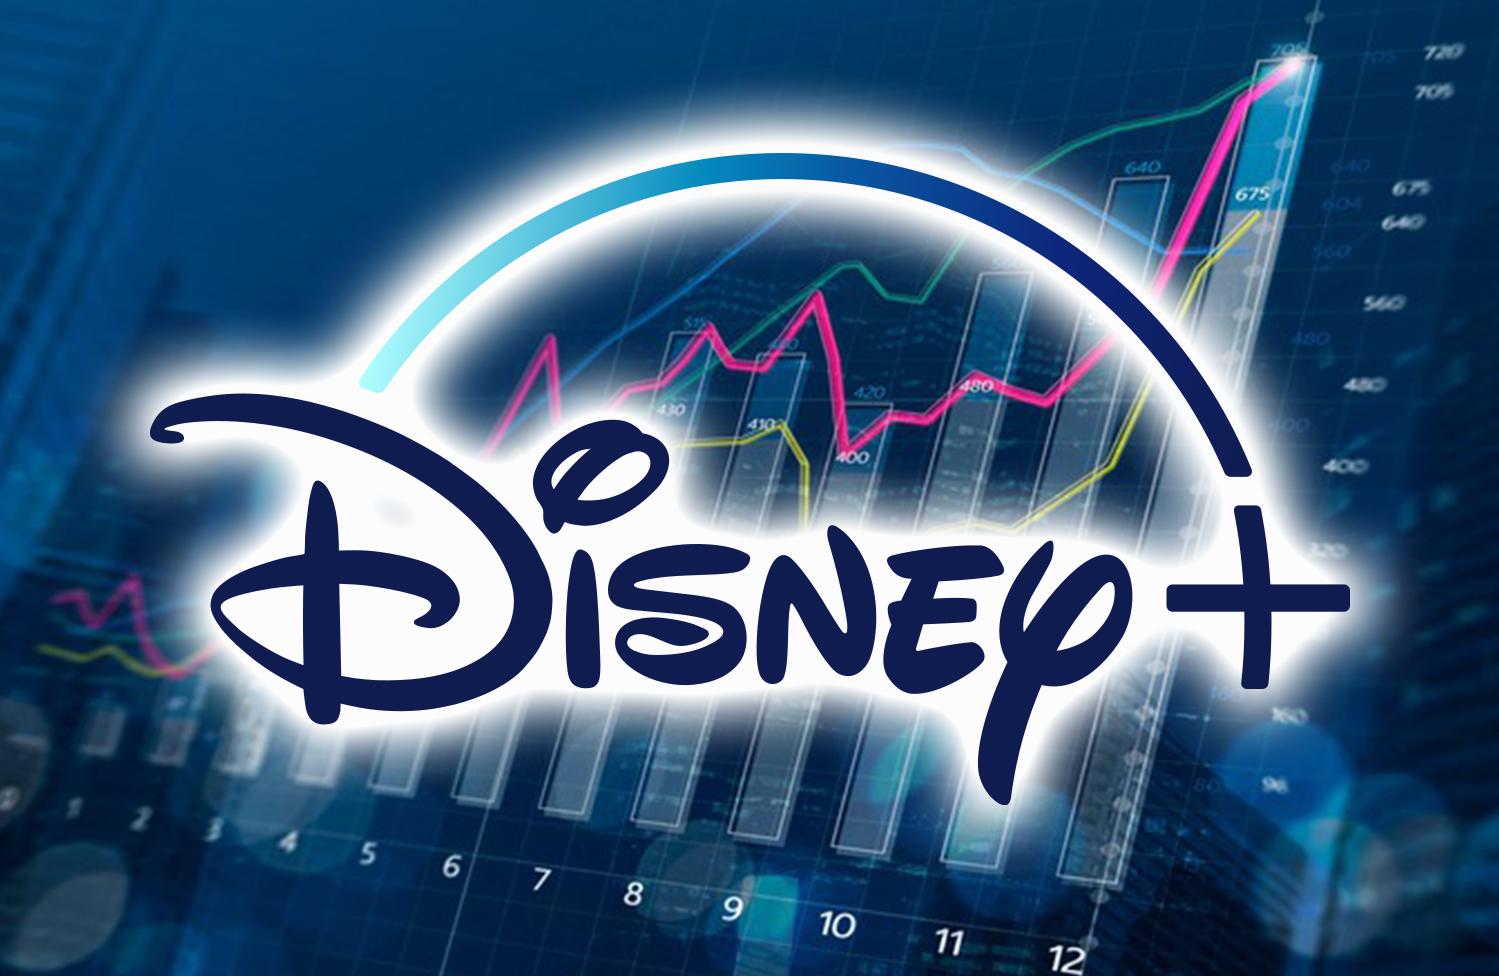 DIS stocks to buy Disney +